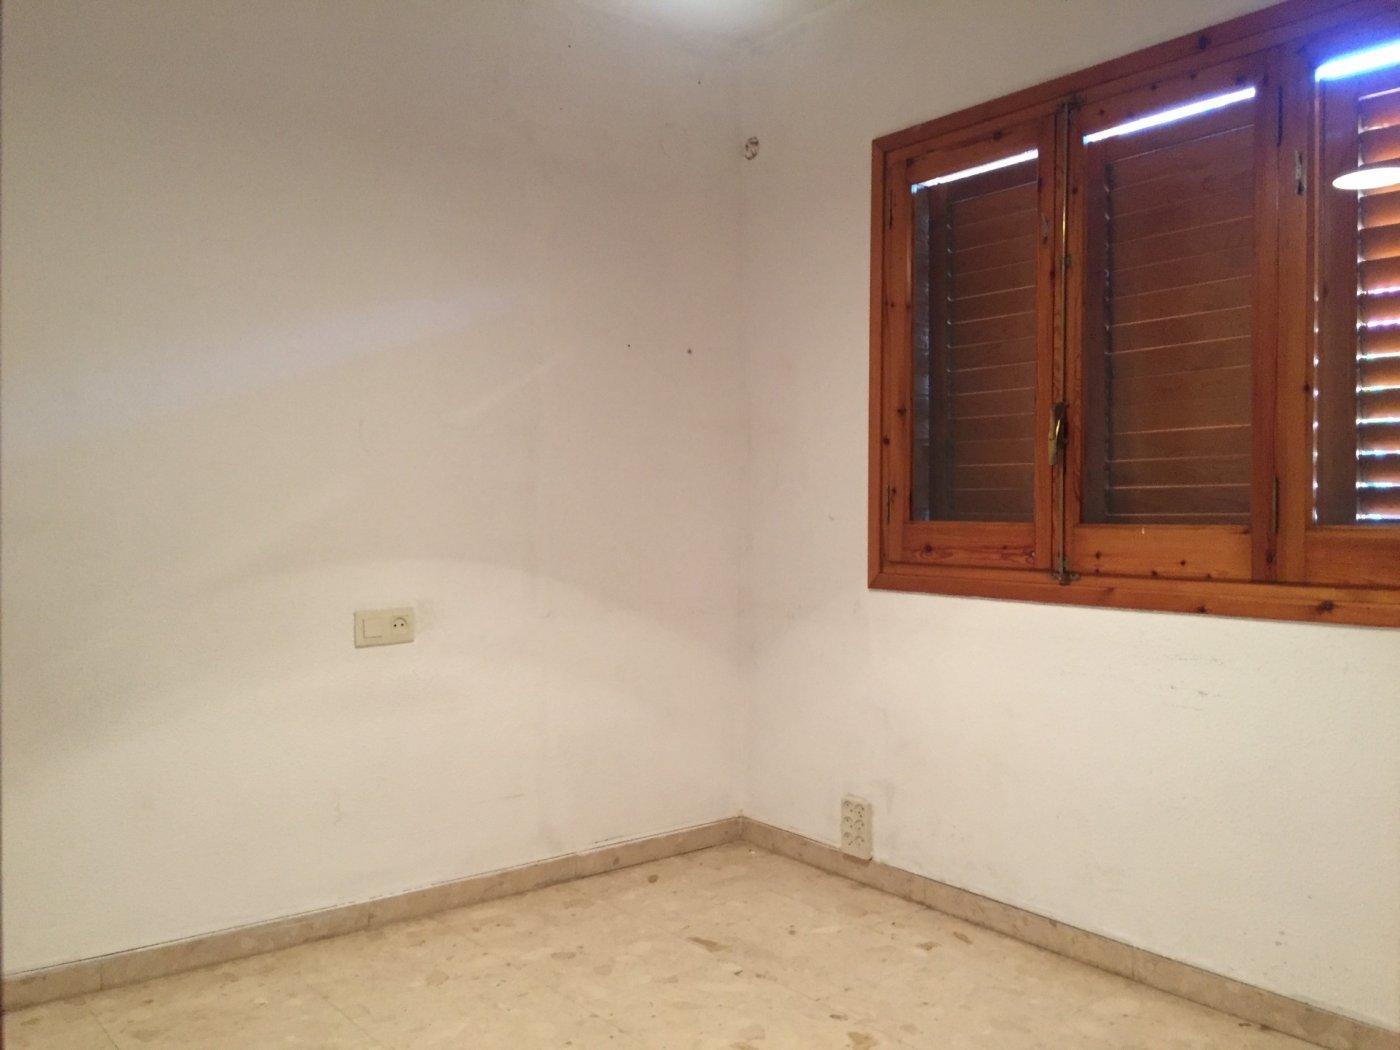 Casa adosado en alfahuir - imagenInmueble19